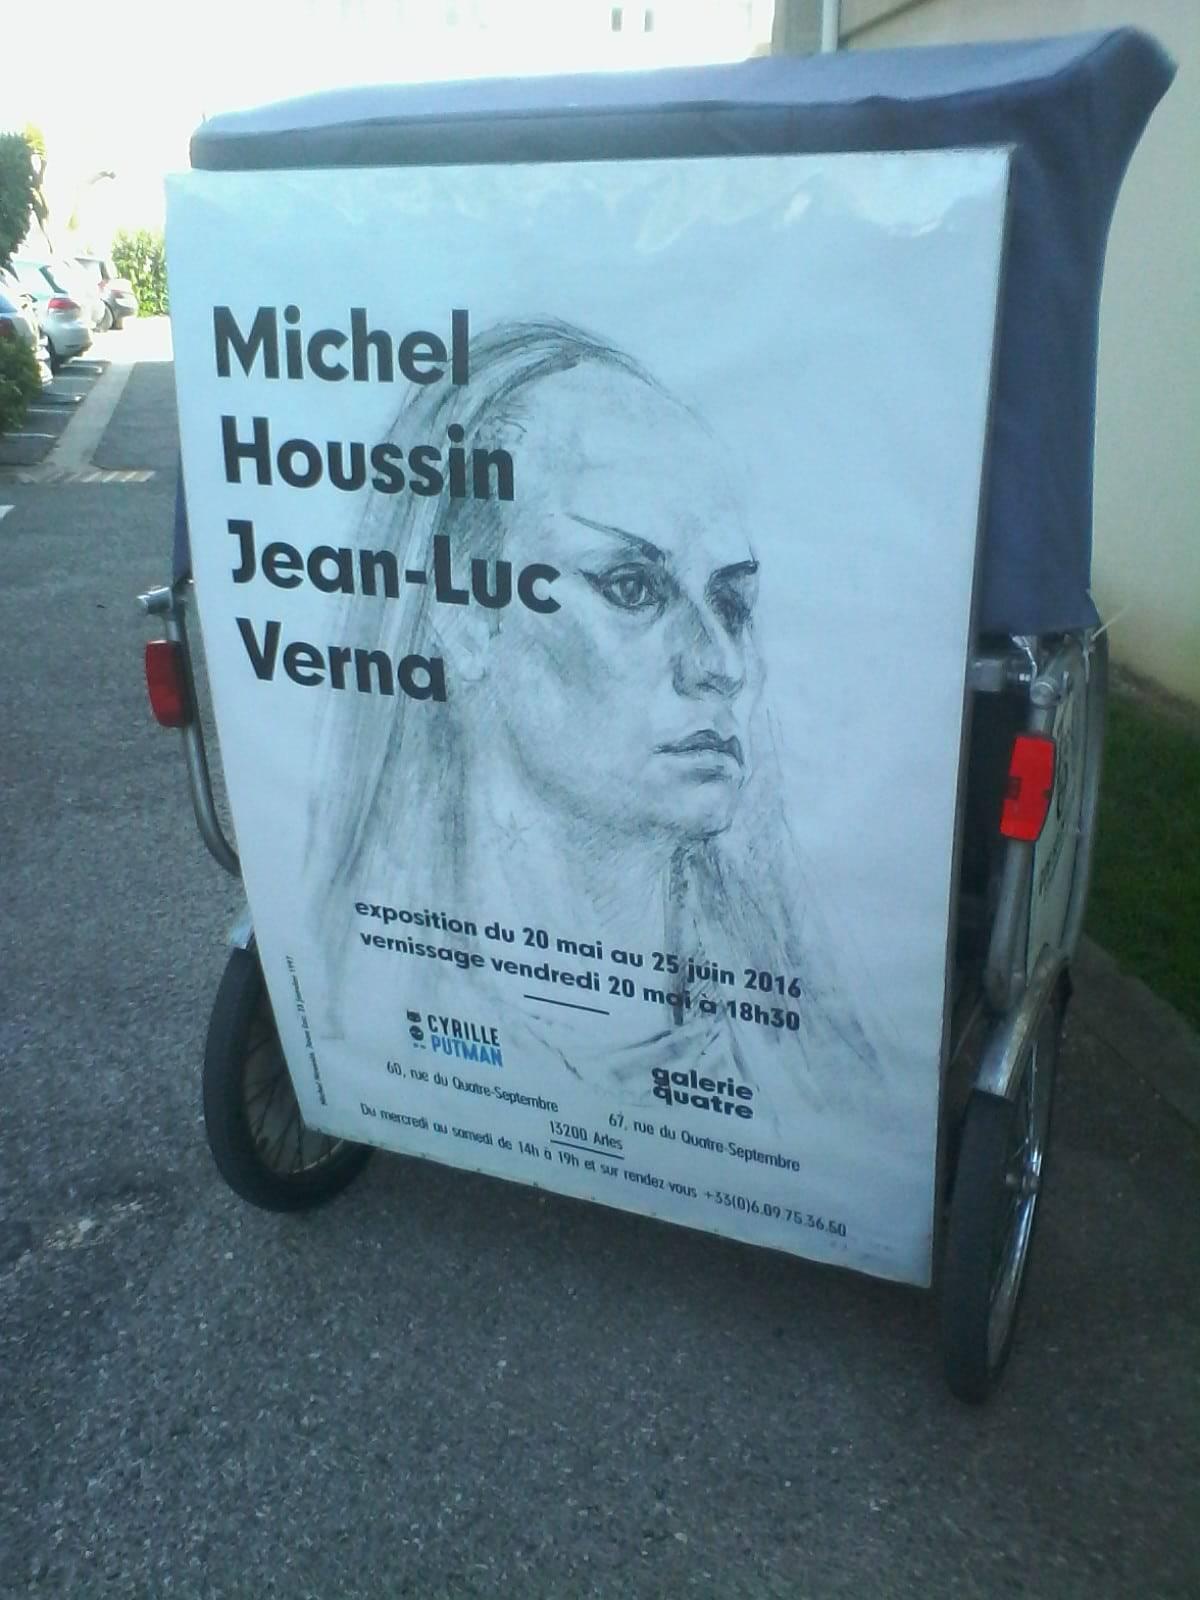 Michel Houssin et Jean Luc Verna du 20 mai au 25 juin à Arles